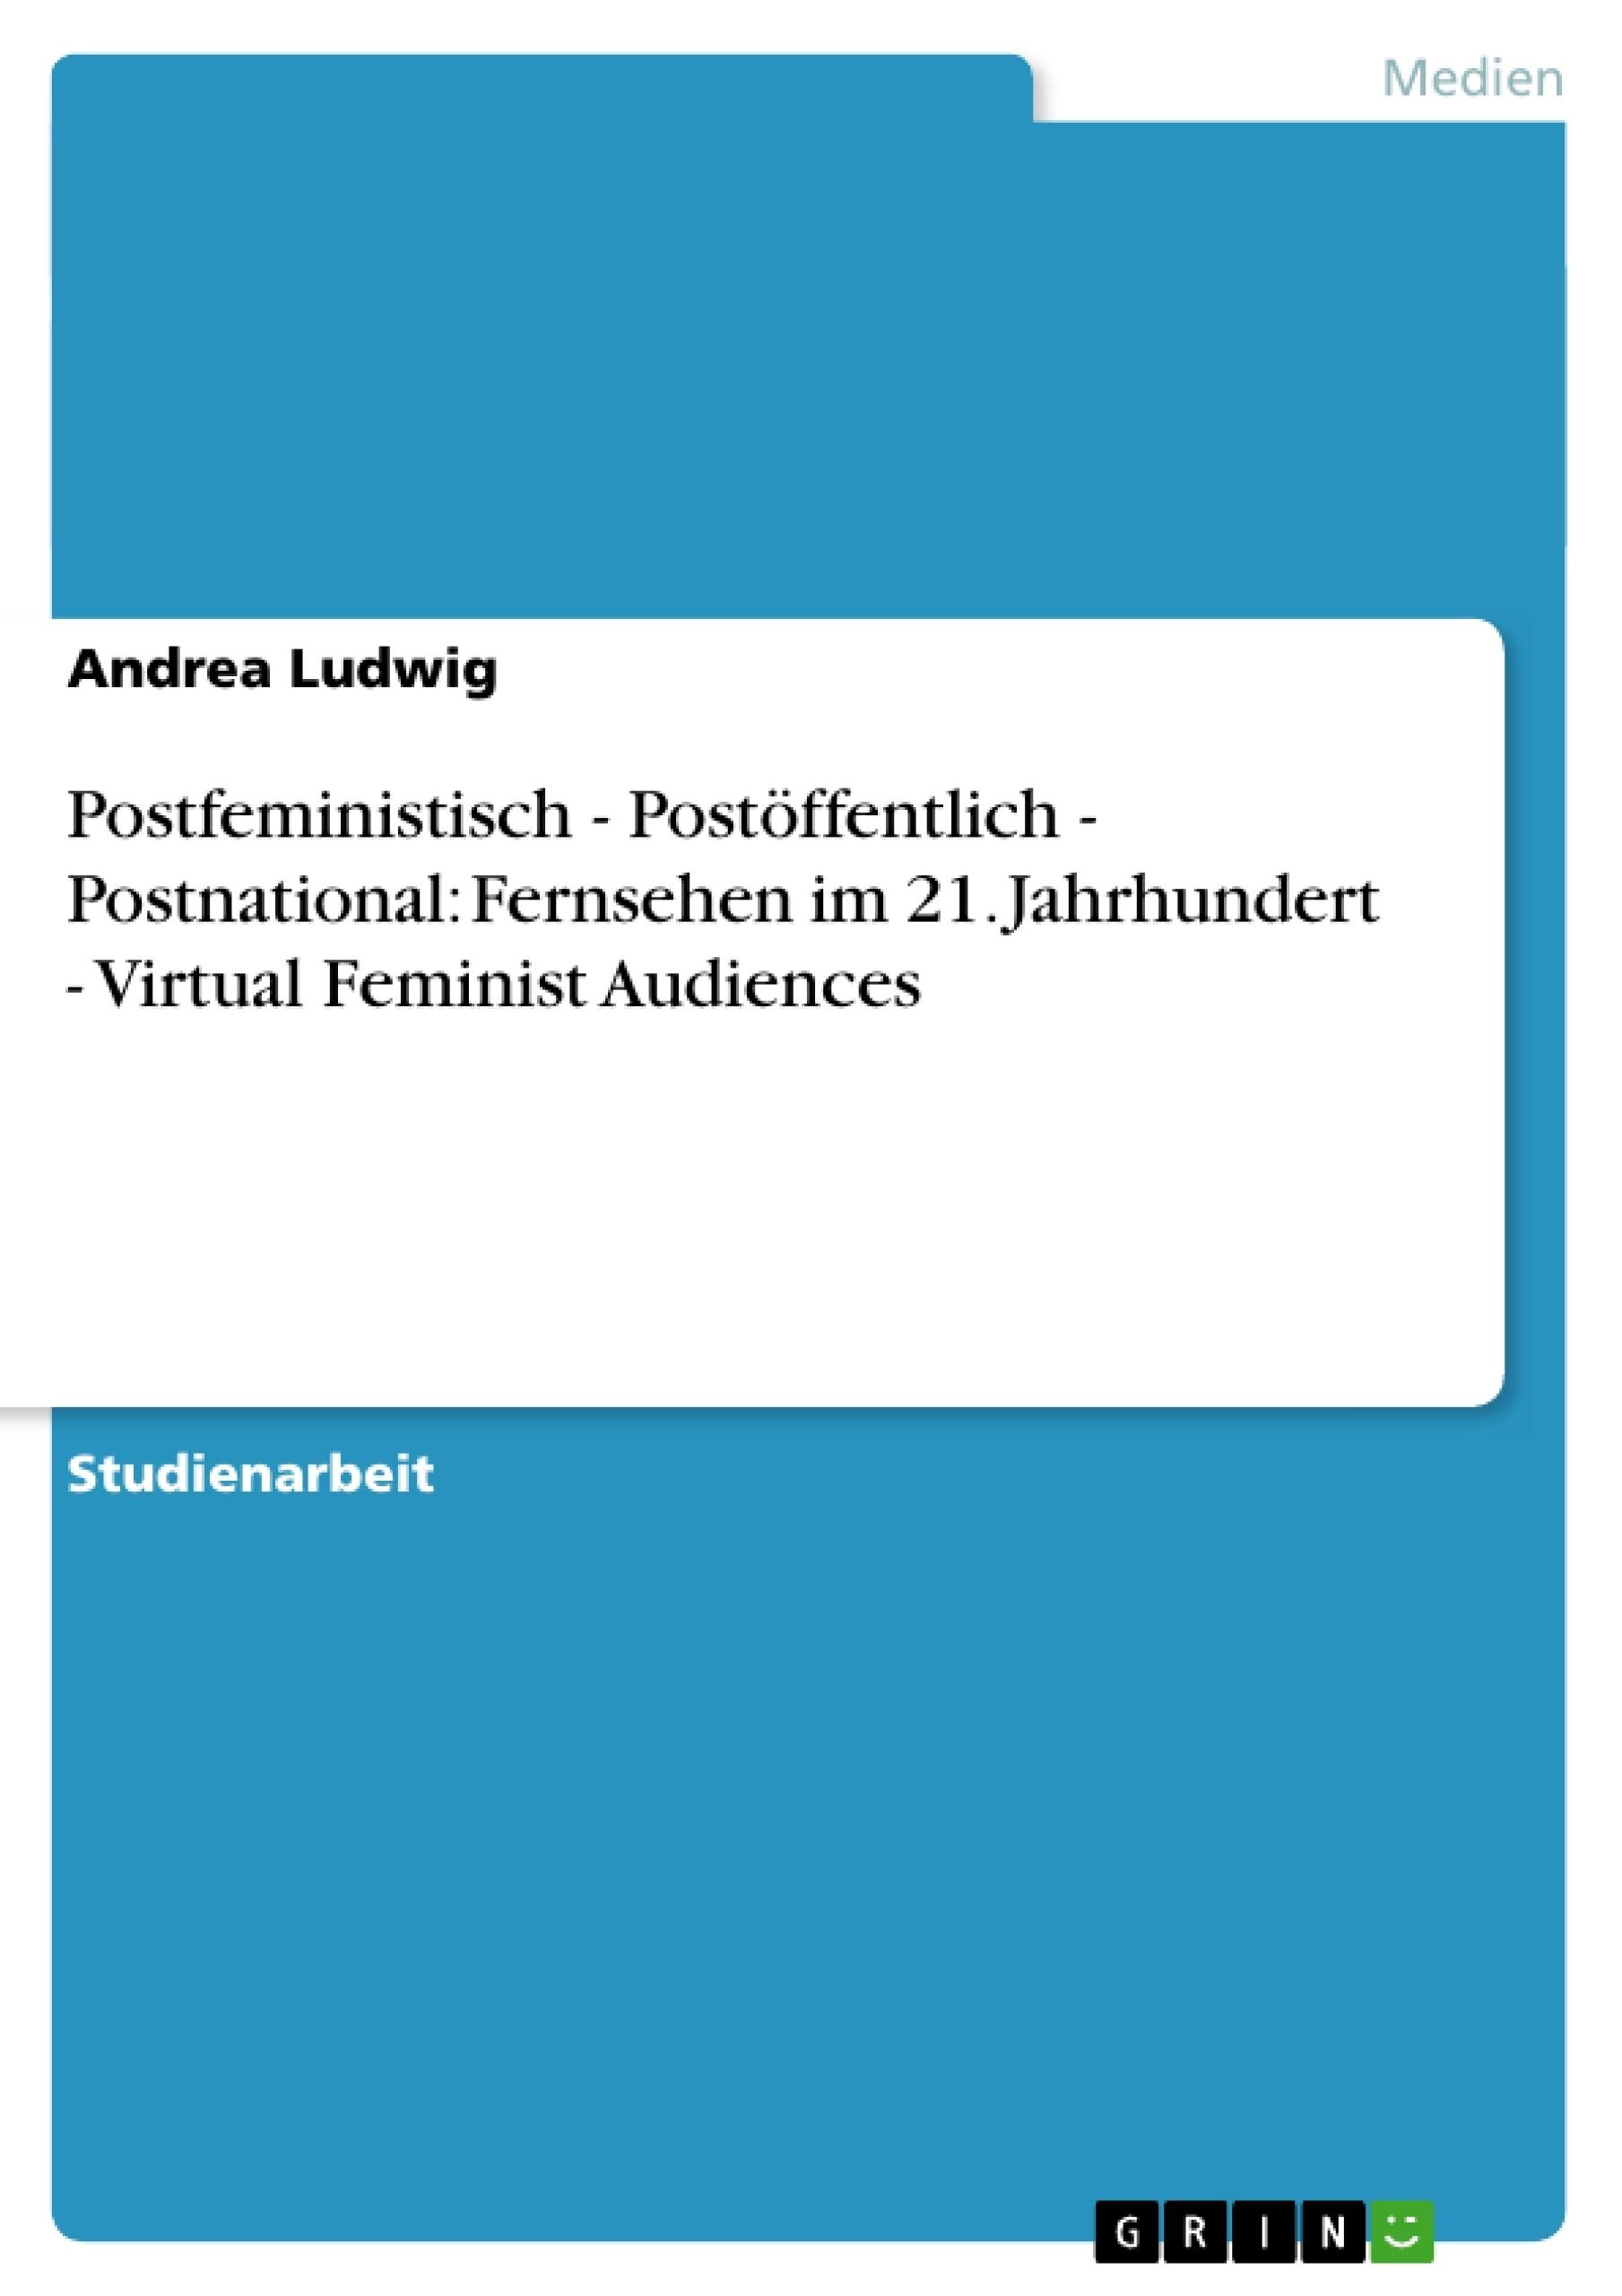 Titel: Postfeministisch - Postöffentlich - Postnational: Fernsehen im 21. Jahrhundert - Virtual Feminist Audiences